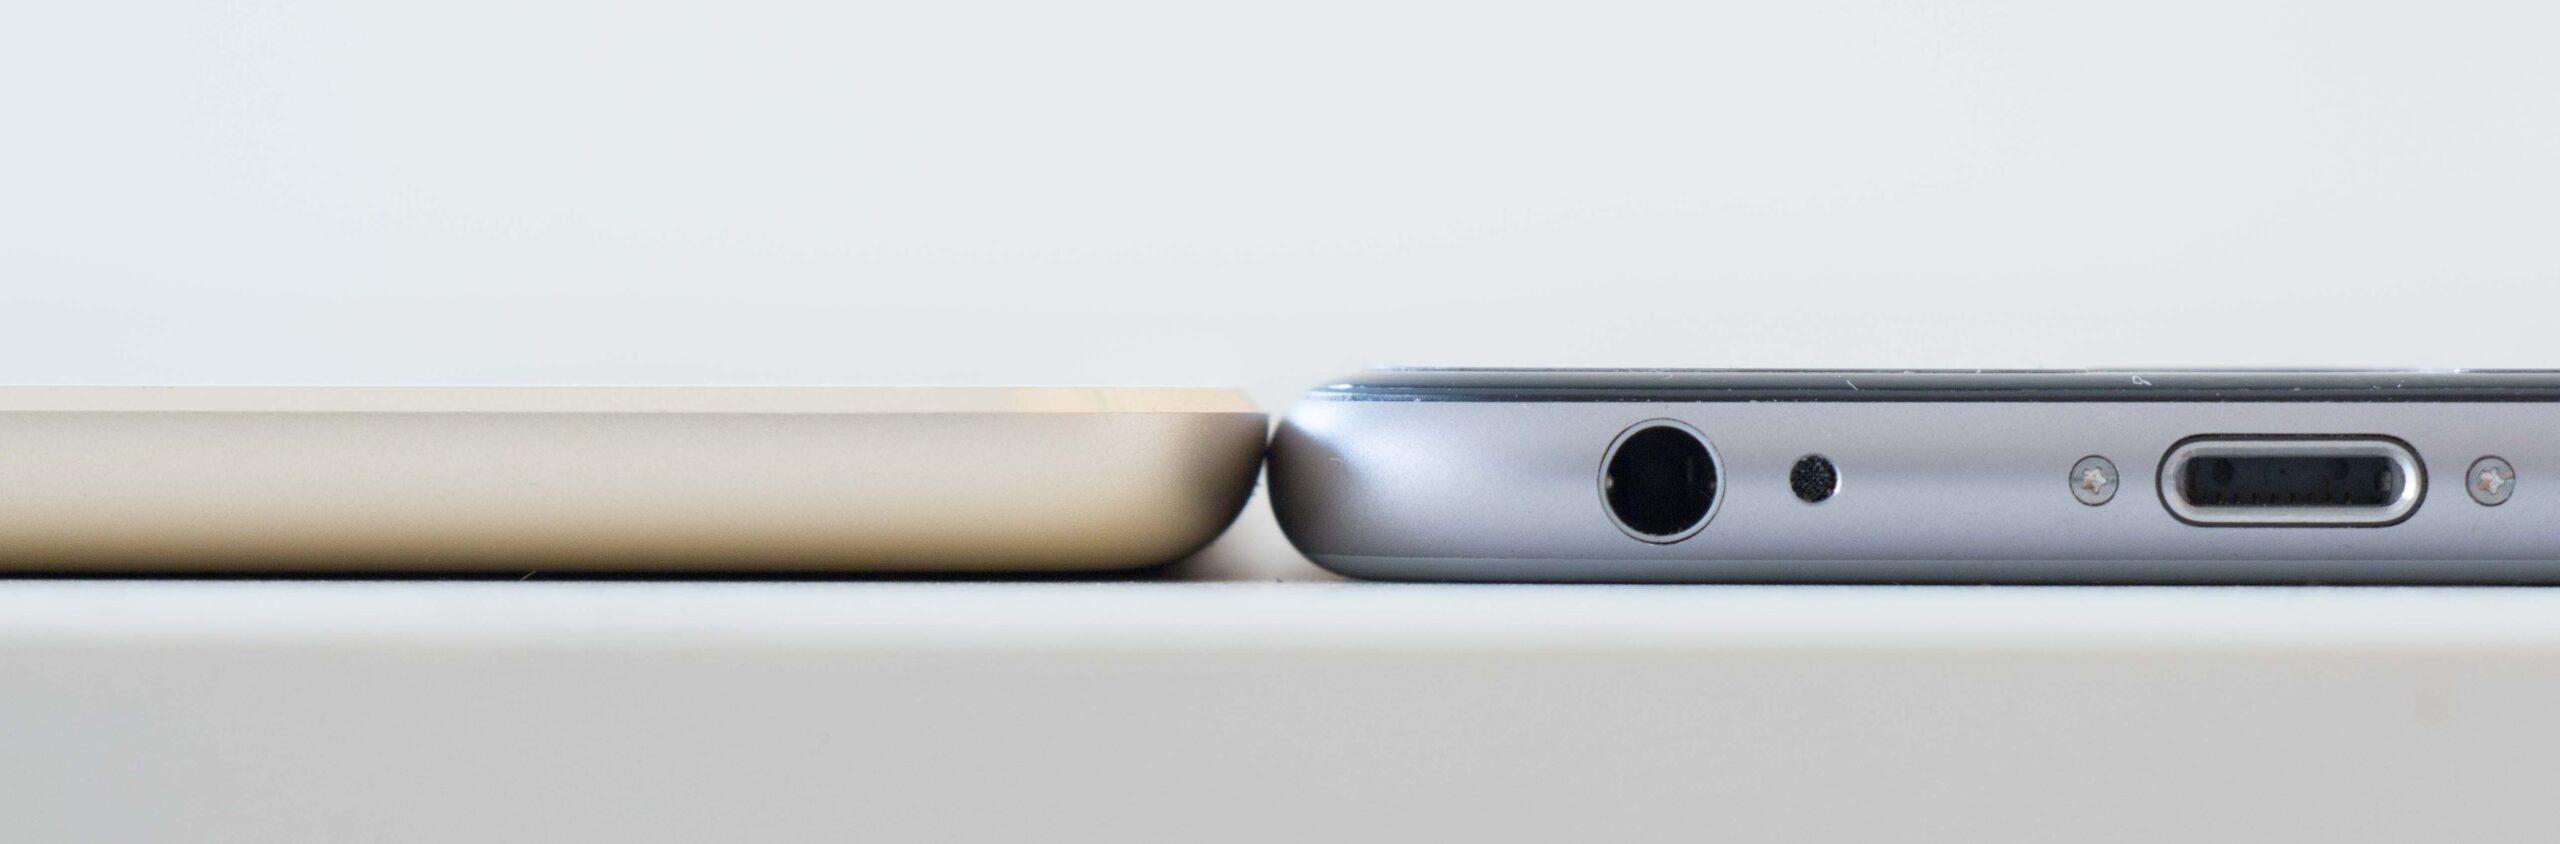 ipad-air-2-vs-iphone-6